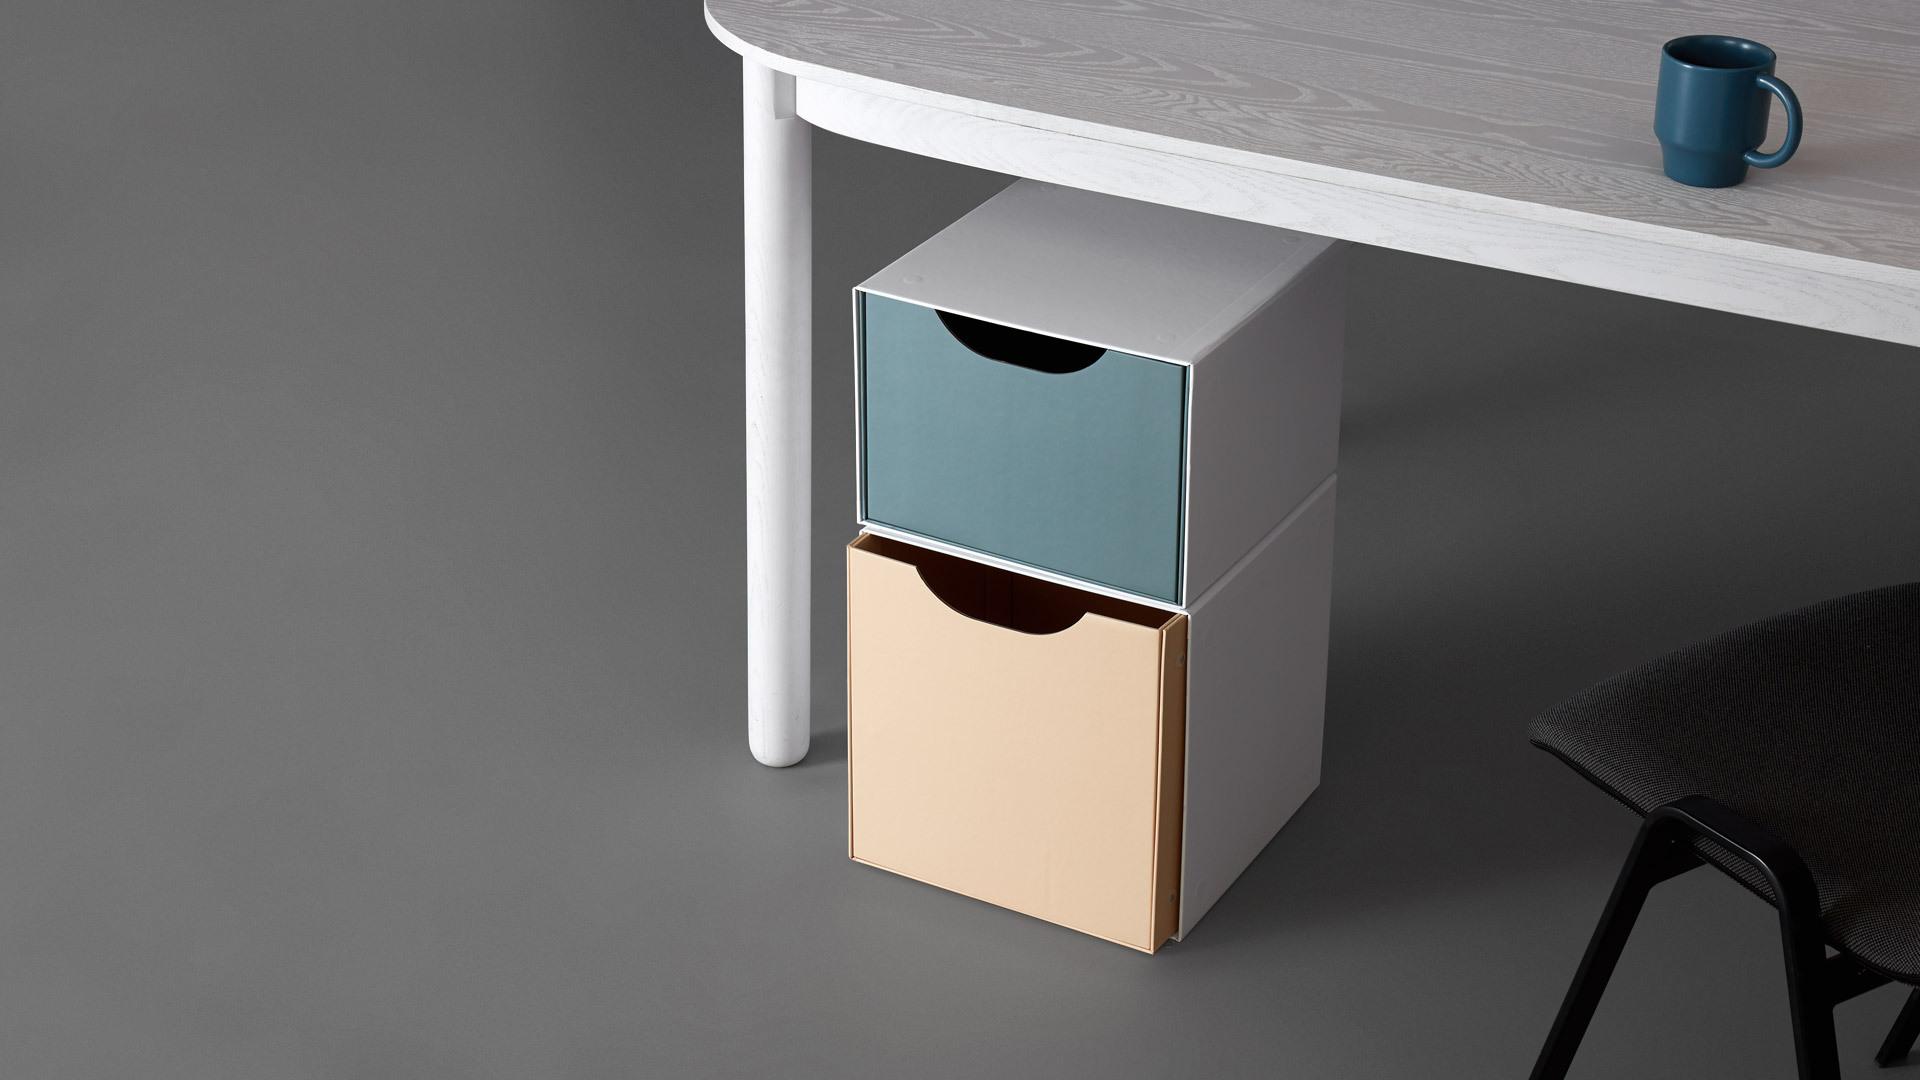 高效利用桌下空间,手边置物更便利